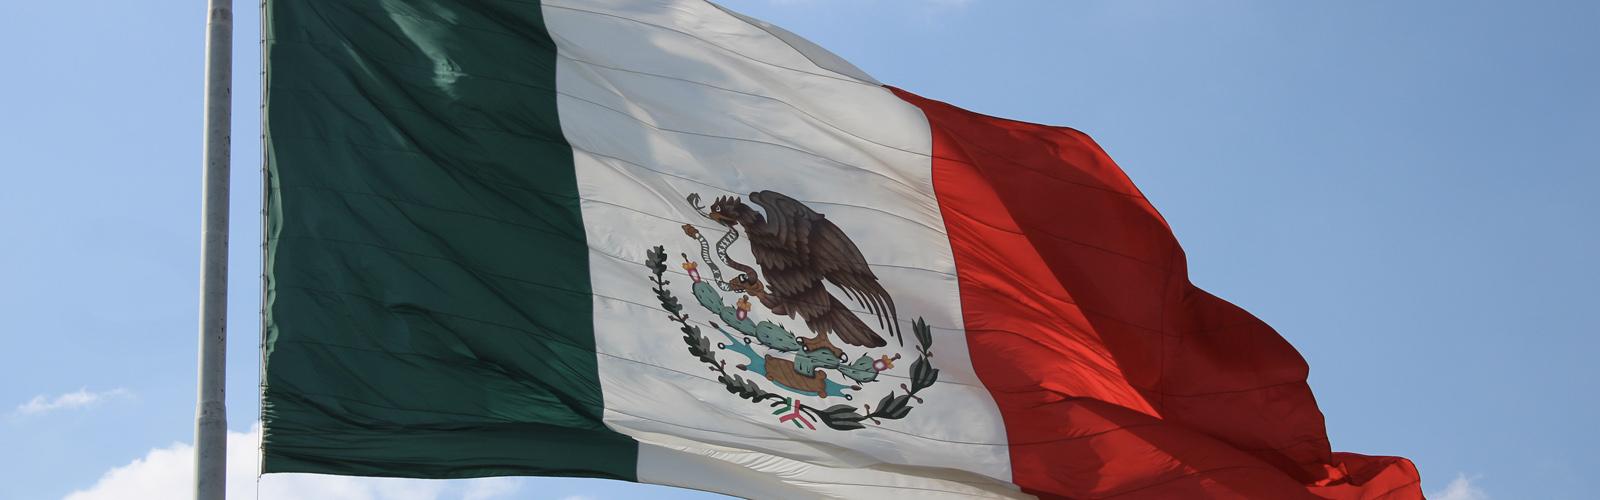 ¿Qué relevancia tiene África en la estrategia mexicana de diversificación de mercados?